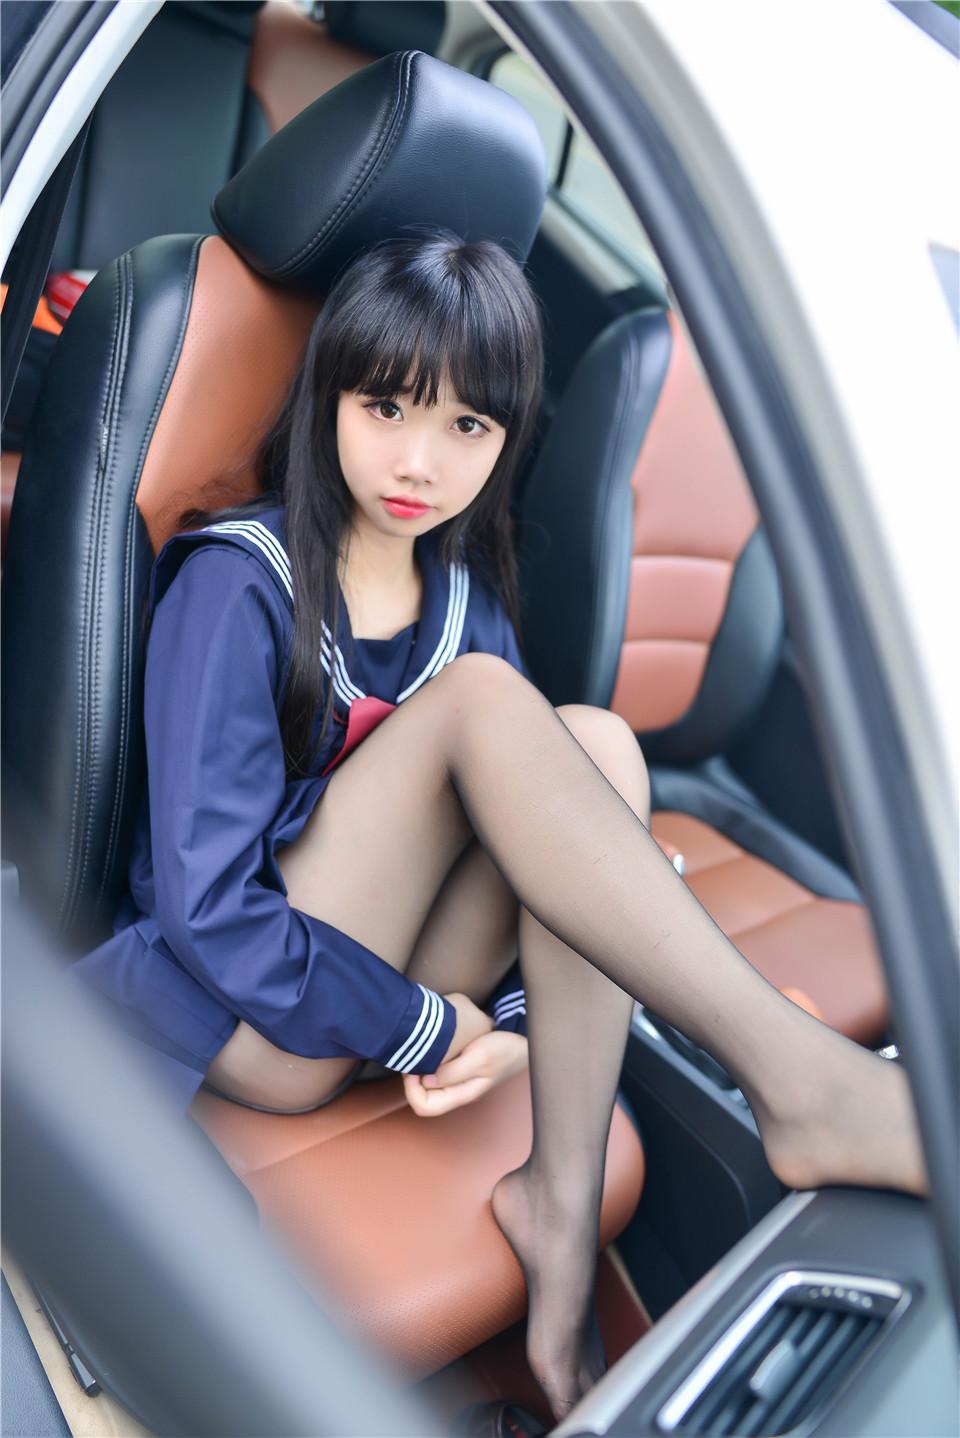 可爱美女 车内JK